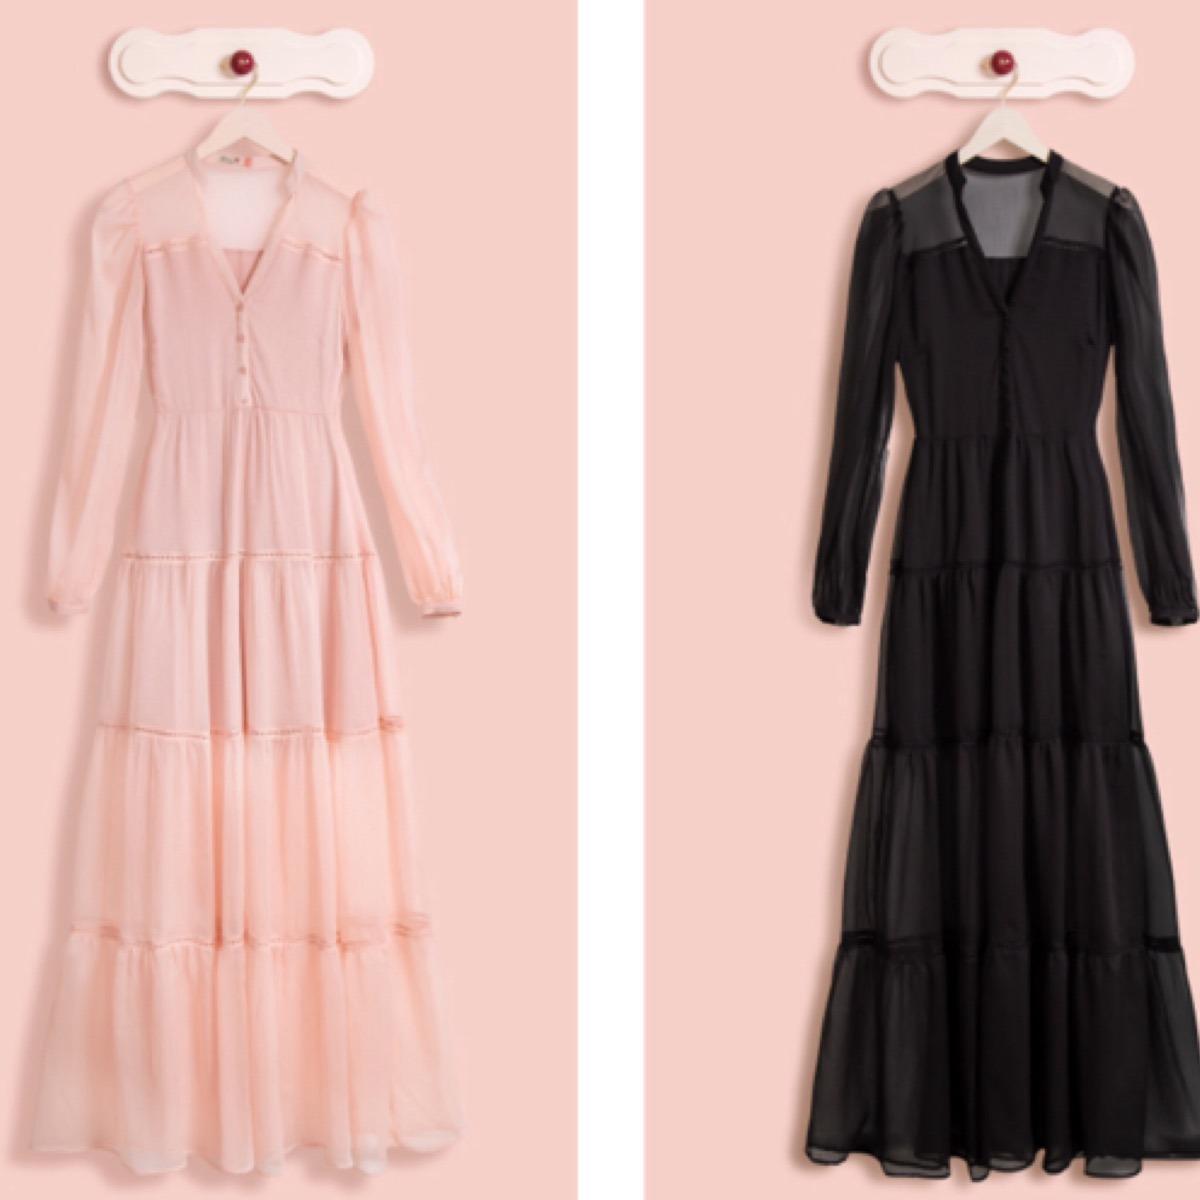 1cdab0c9059f Antix - Vestido Entremeio Transparentes Com Tags - R$ 425,00 em Mercado  Livre